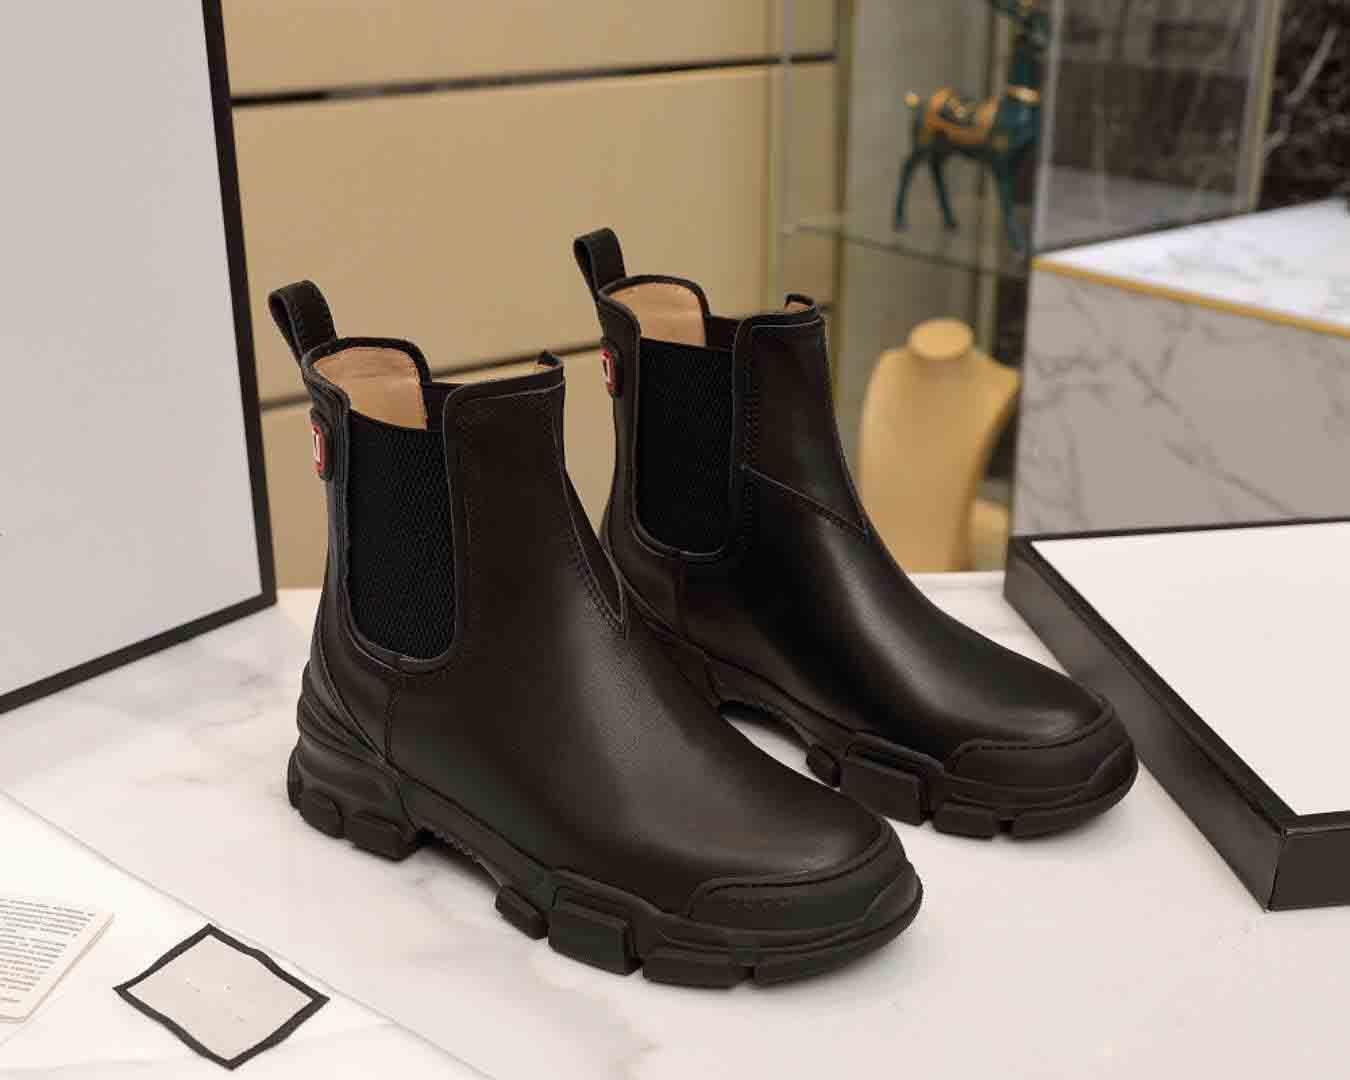 bottes en cuir Designer, bottes pour femmes de luxe d'hiver, bon concepteur de qualité bottes courtes, concepteur bottes Martin